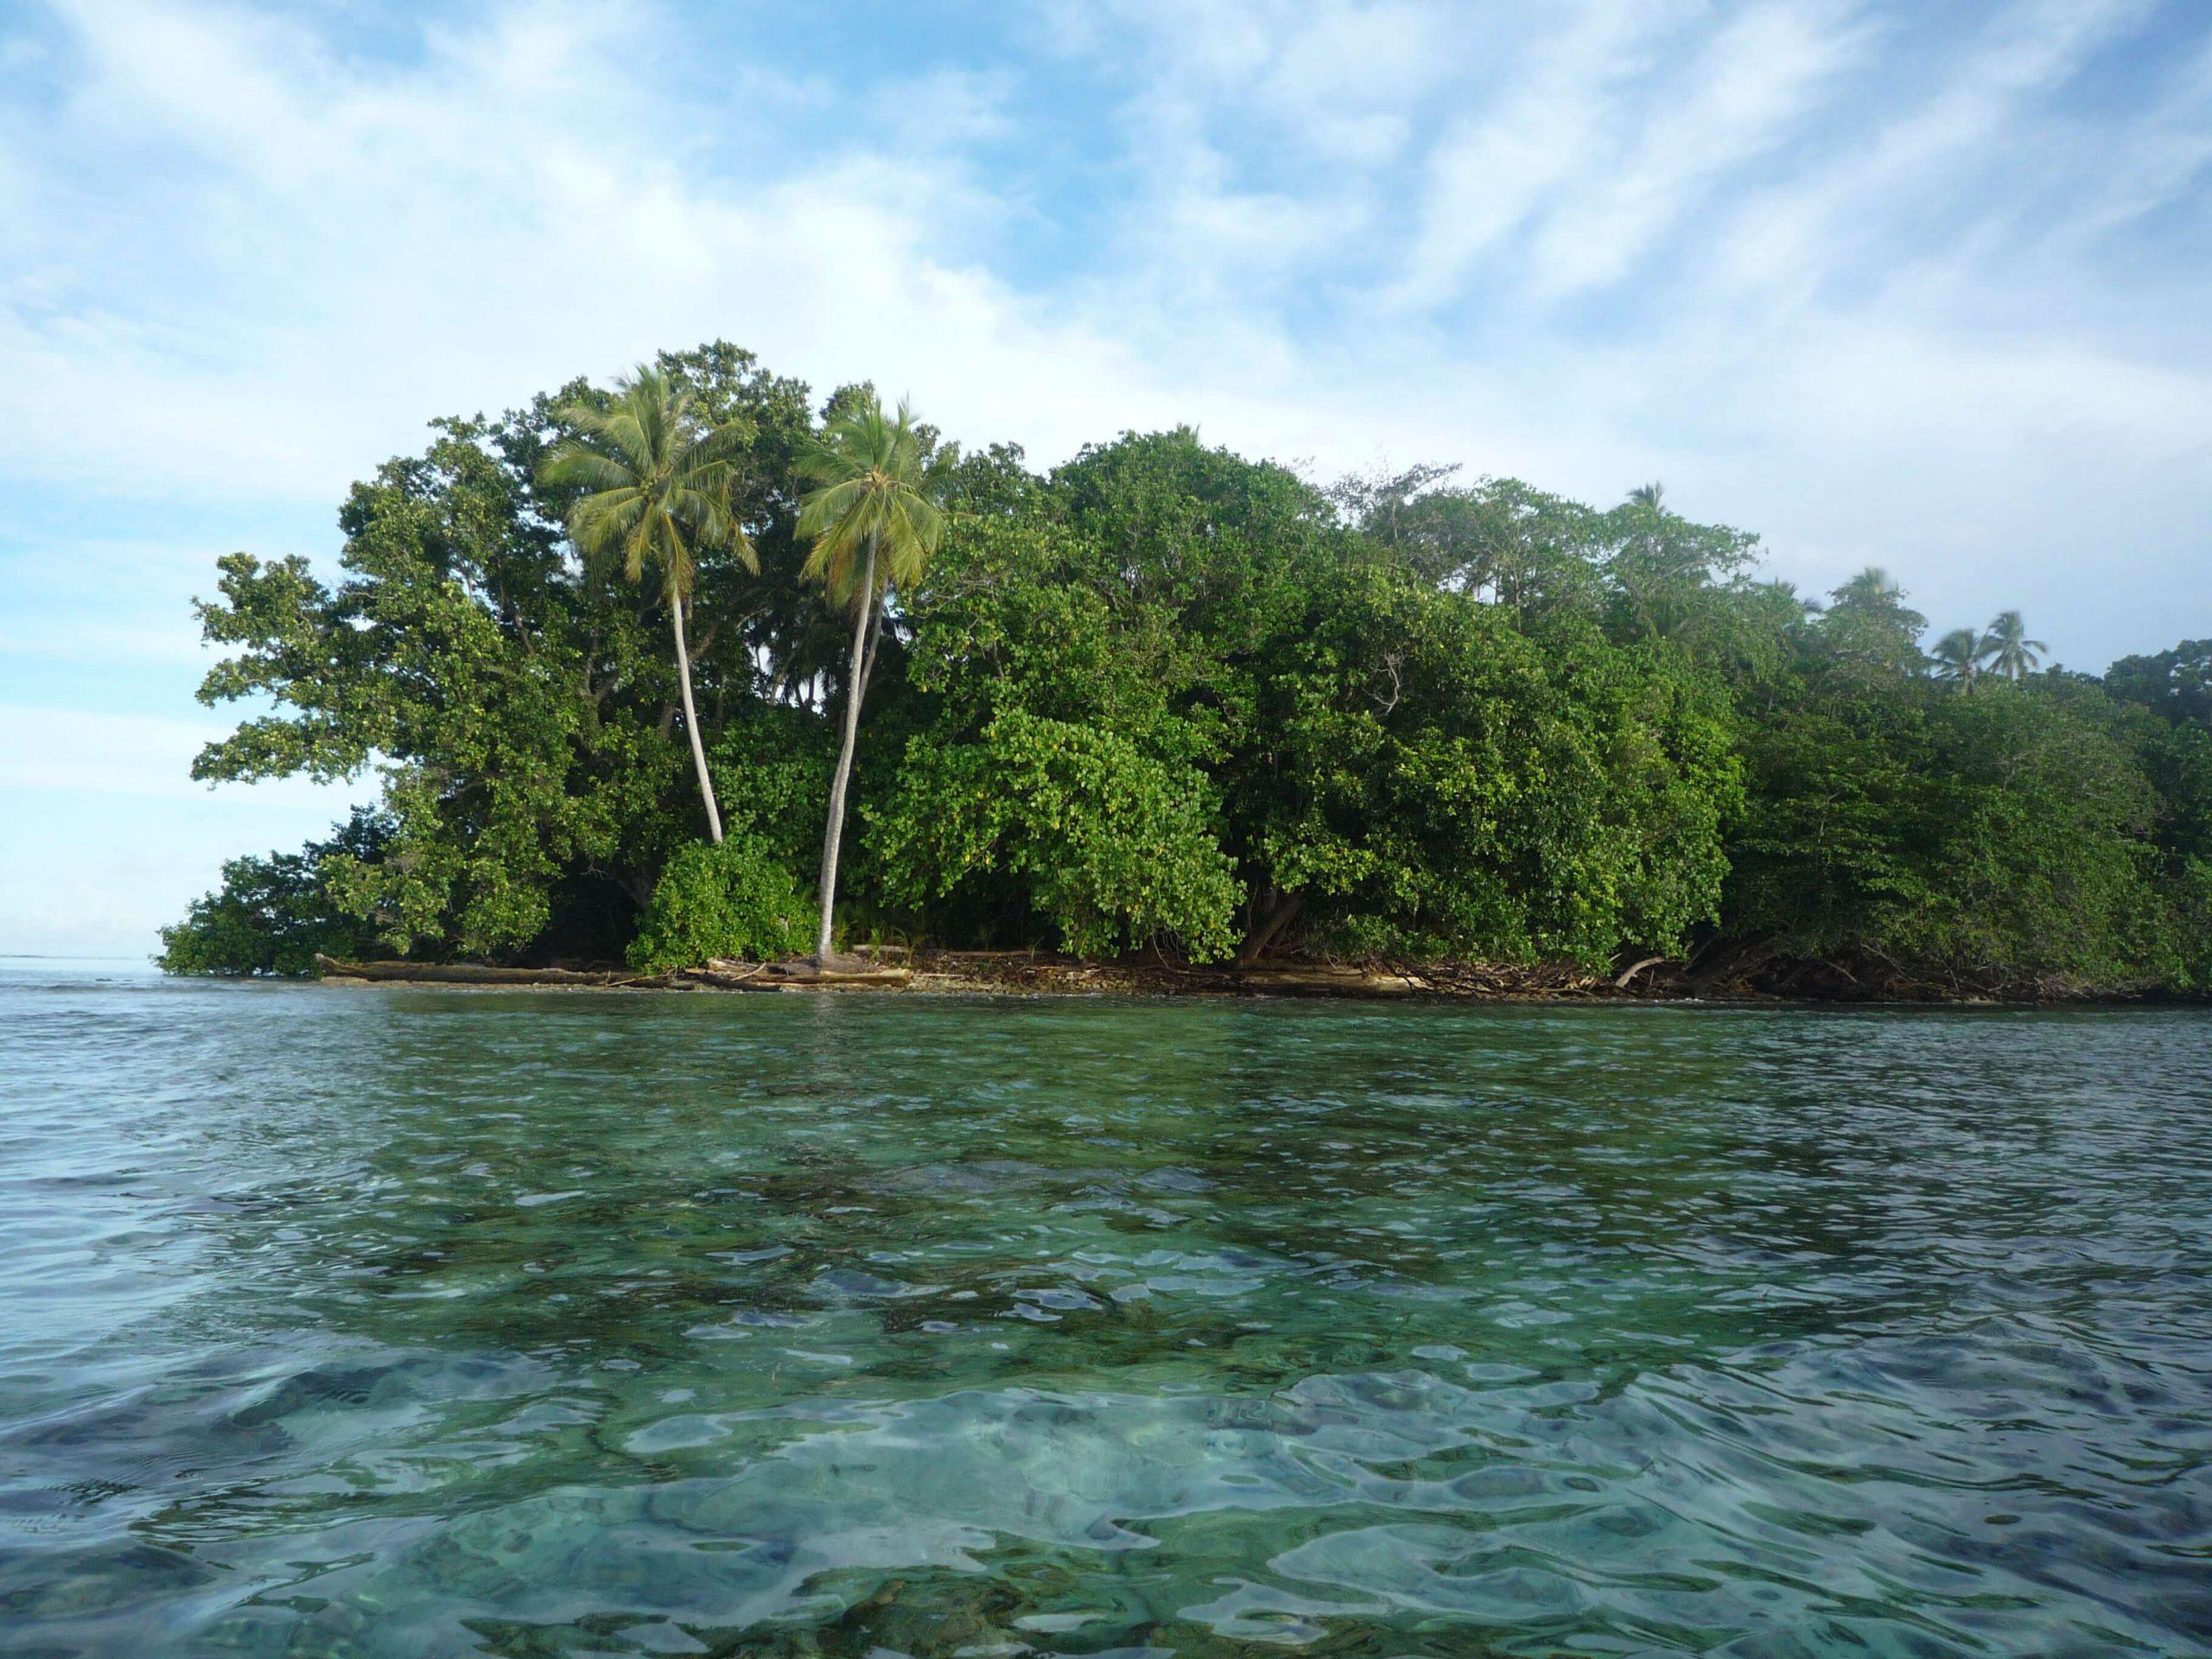 Taukuna Island